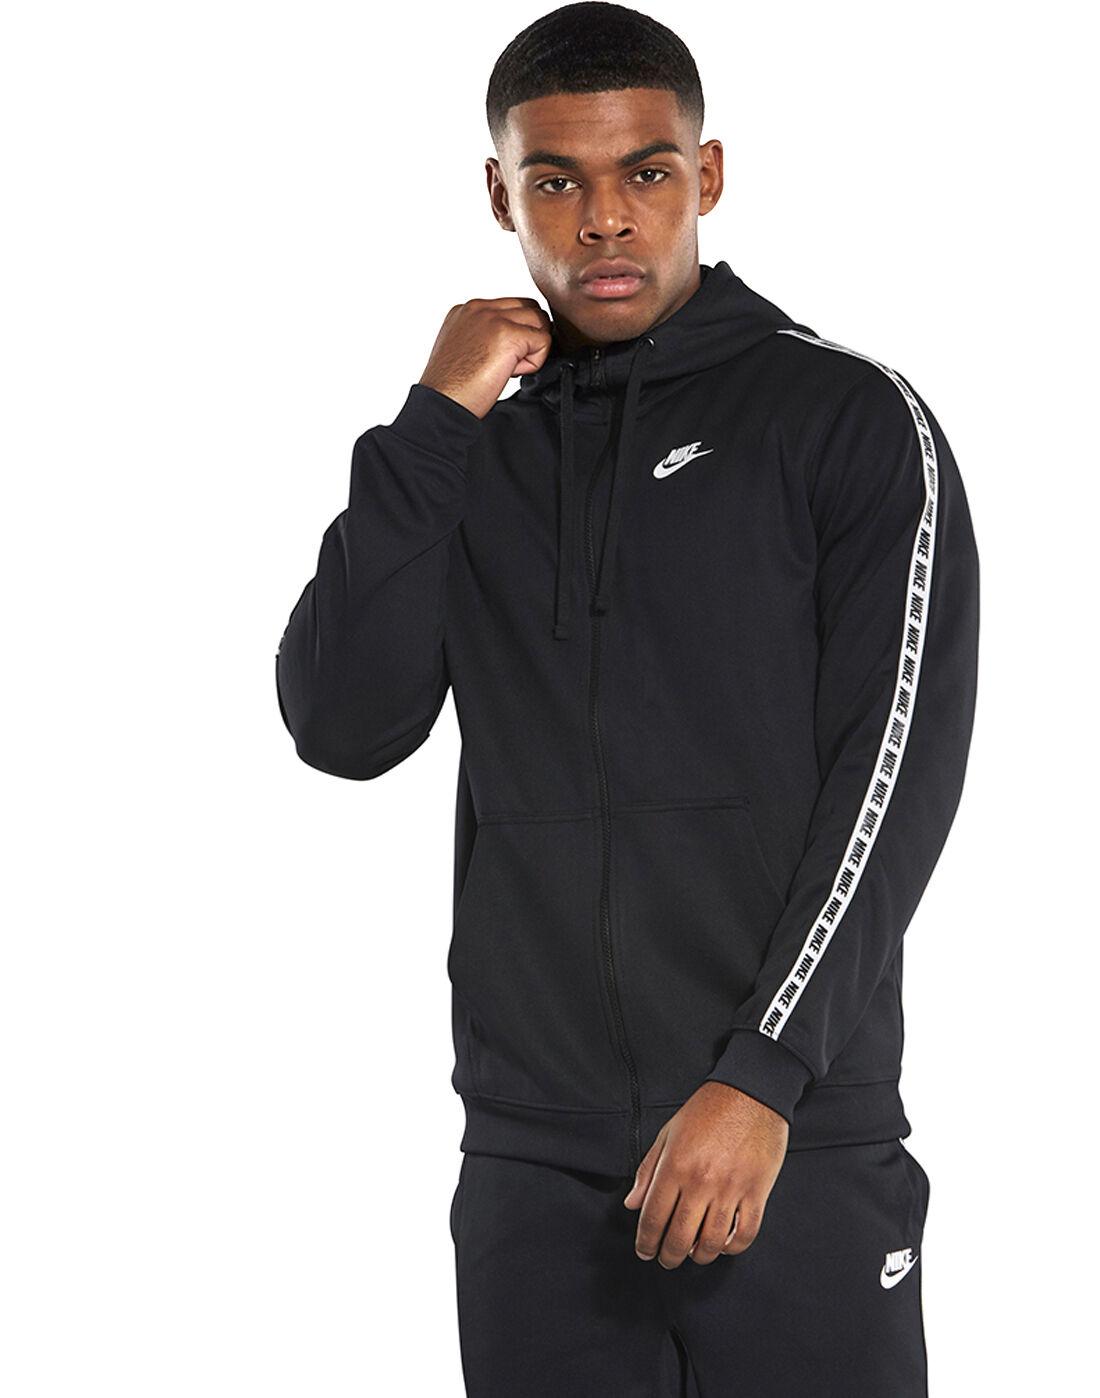 Nike Sportswear Nike Nike Repeat Sportswear Sportswear Hoodie Repeat Hoodie 80PwnOkX